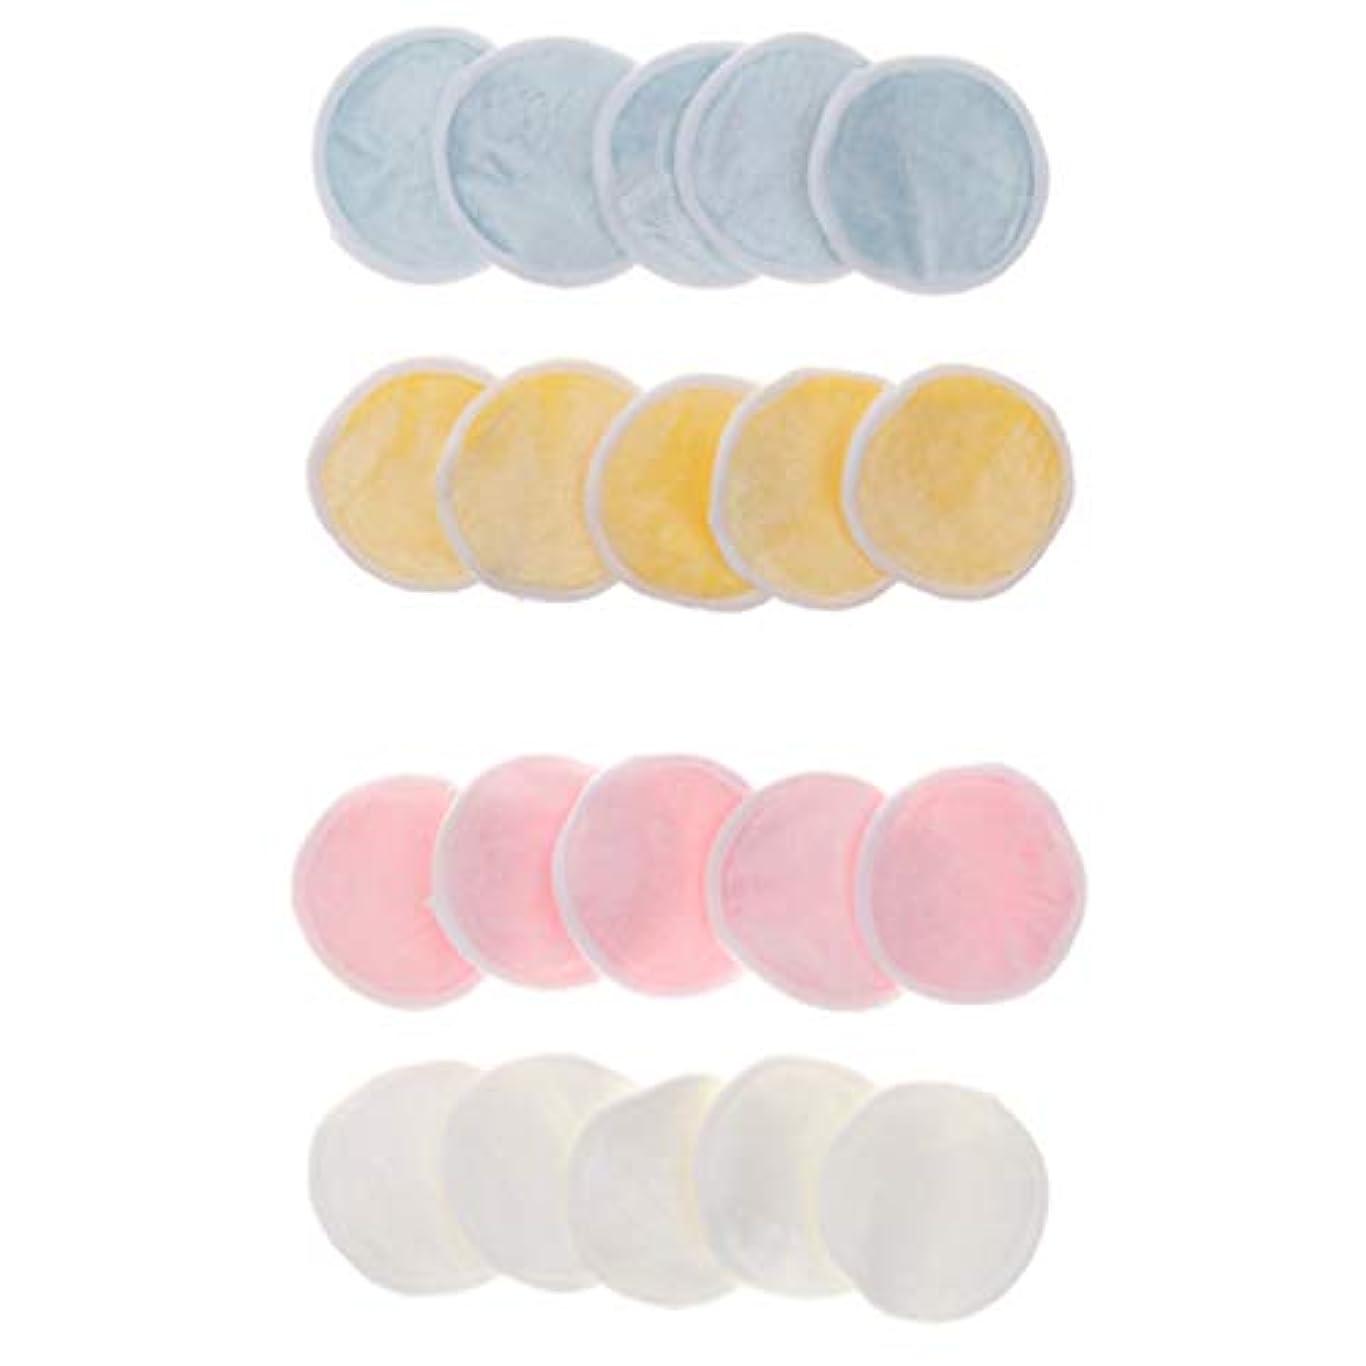 最初は無条件本物のクレンジングシート 化粧落としパッド メイク落としコットン 再使用可 化粧用 持ち運びに便利 20個入